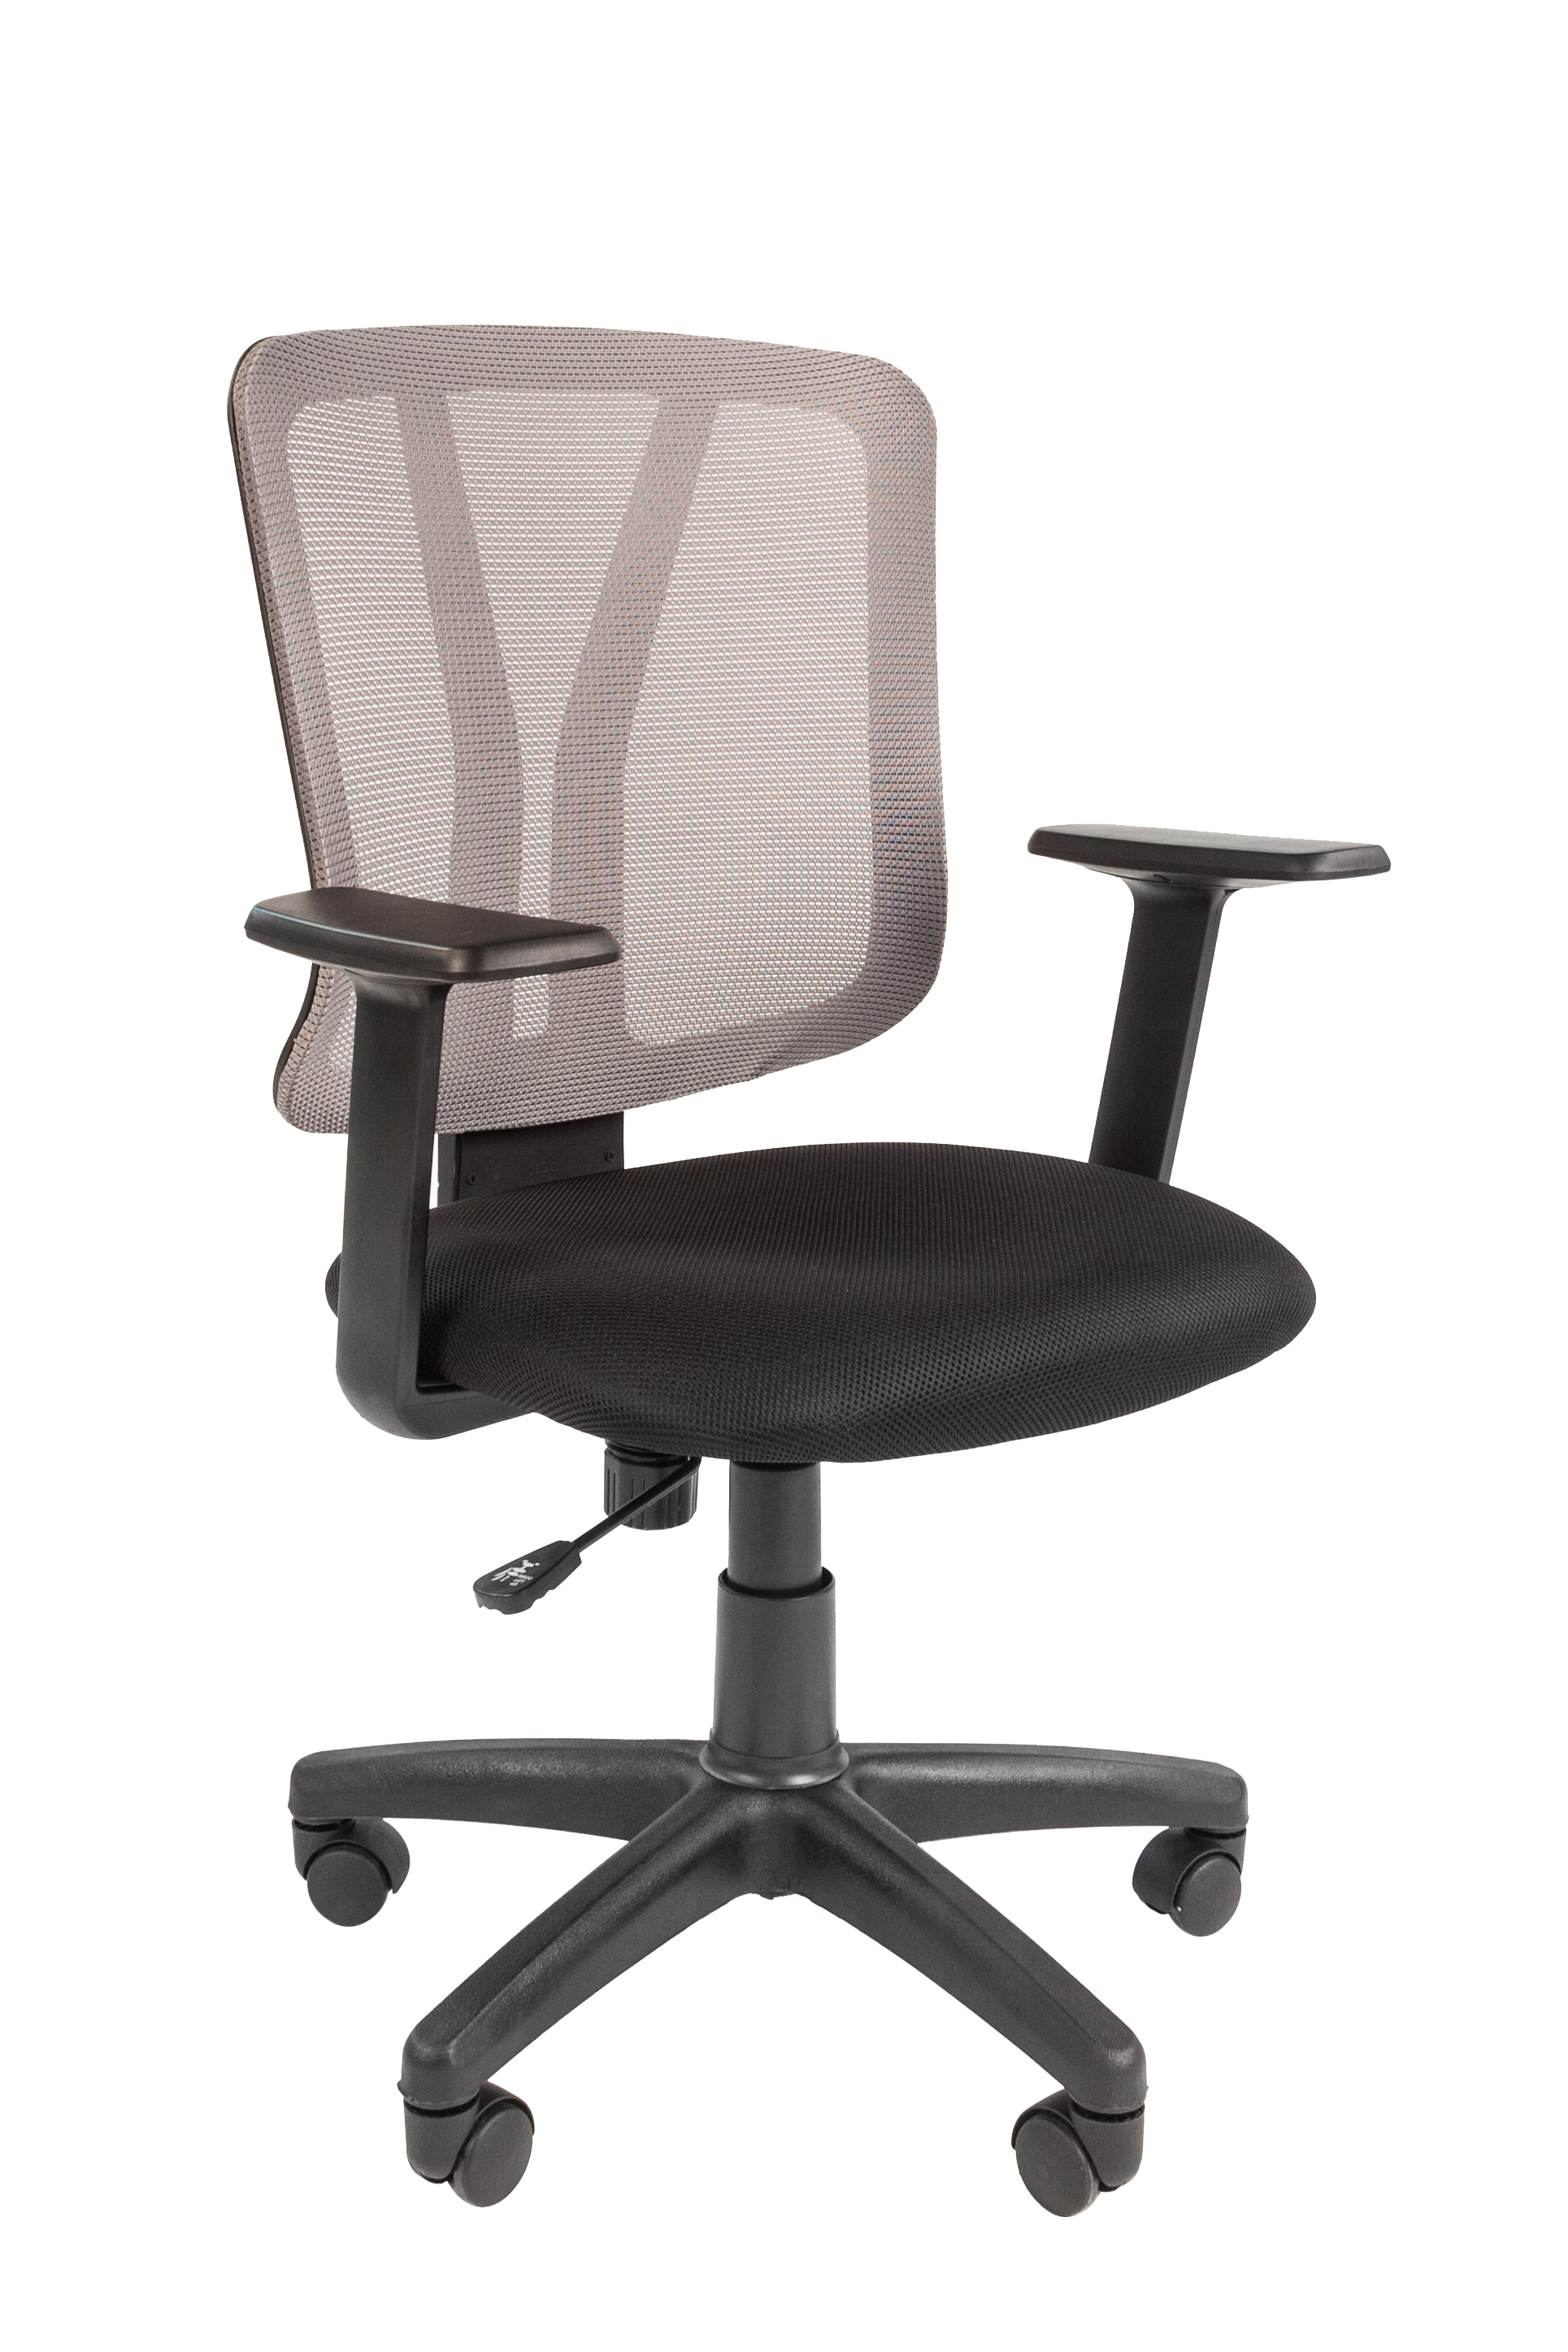 Офисное кресло CHAIRMAN 6267016640Современное операторское кресло с сетчатой спинкой. Акриловая сетка повышенной прочности, усиленный механизм постоянной поддержки спины… это надежность и долговечность. А широкая спинка новой, эргономичной формы - это удобство. Настоящее удобство.